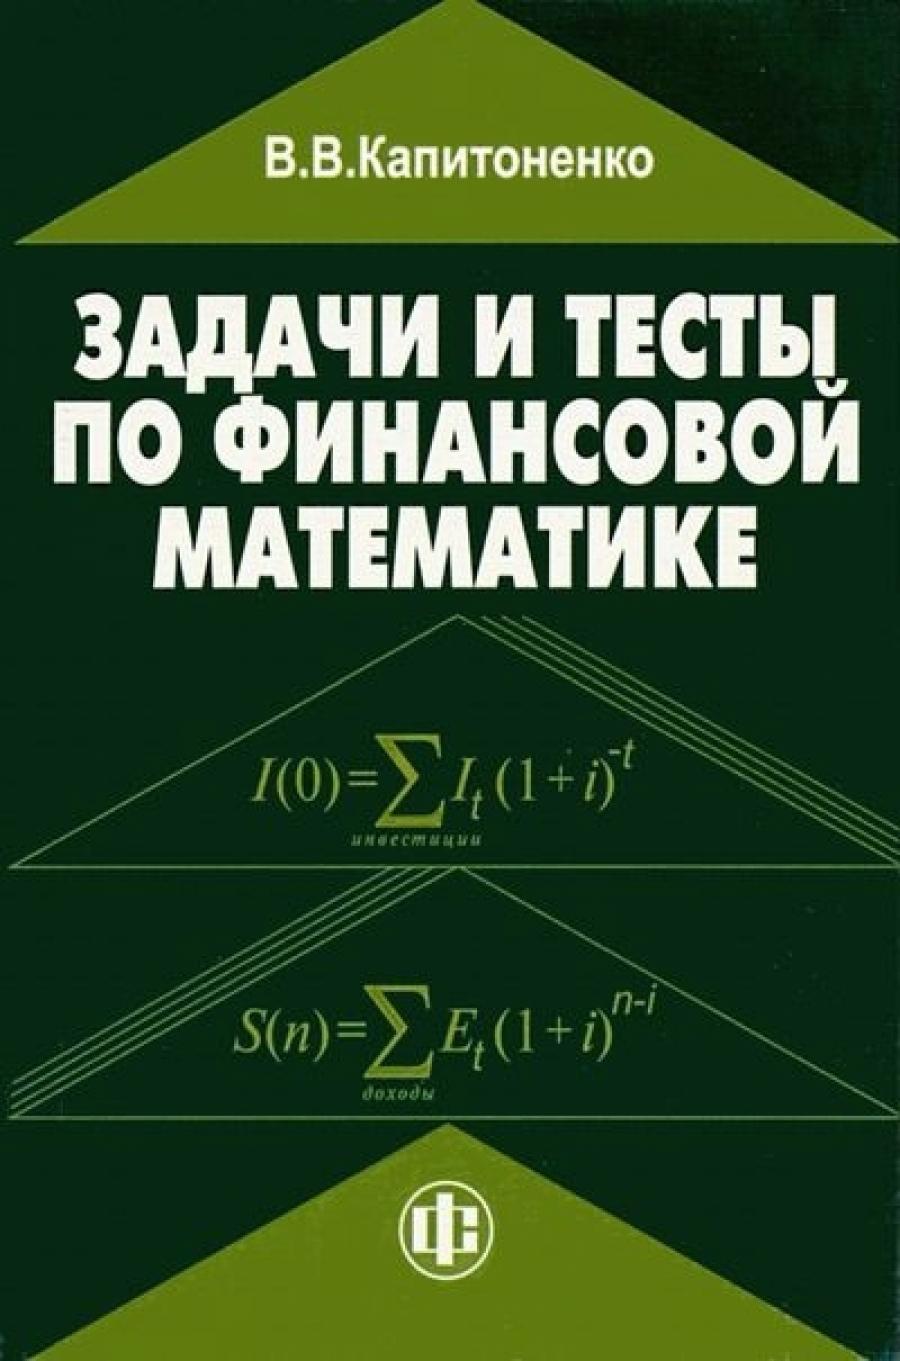 Обложка книги:  капитоненко в.в. - задачи и тесты по финансовой математике